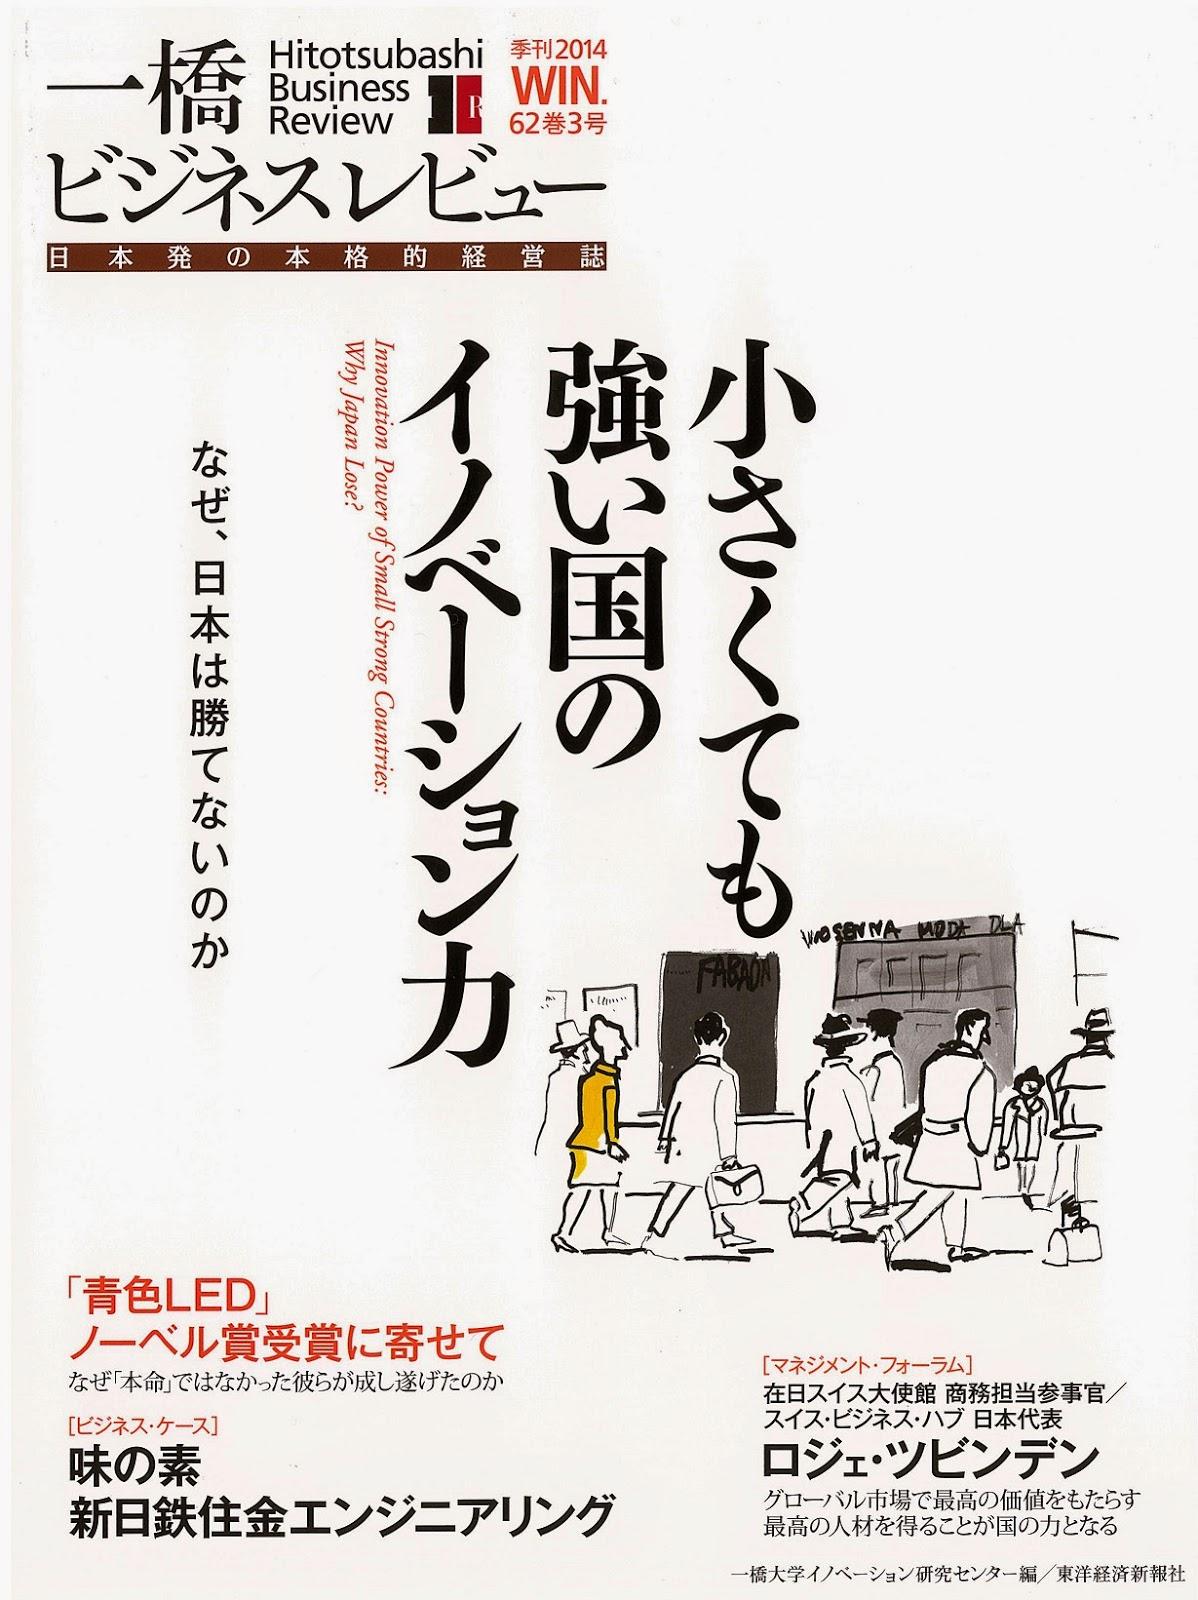 【一橋ビジネスレビュー】 2014年度 Vol.62-No.3